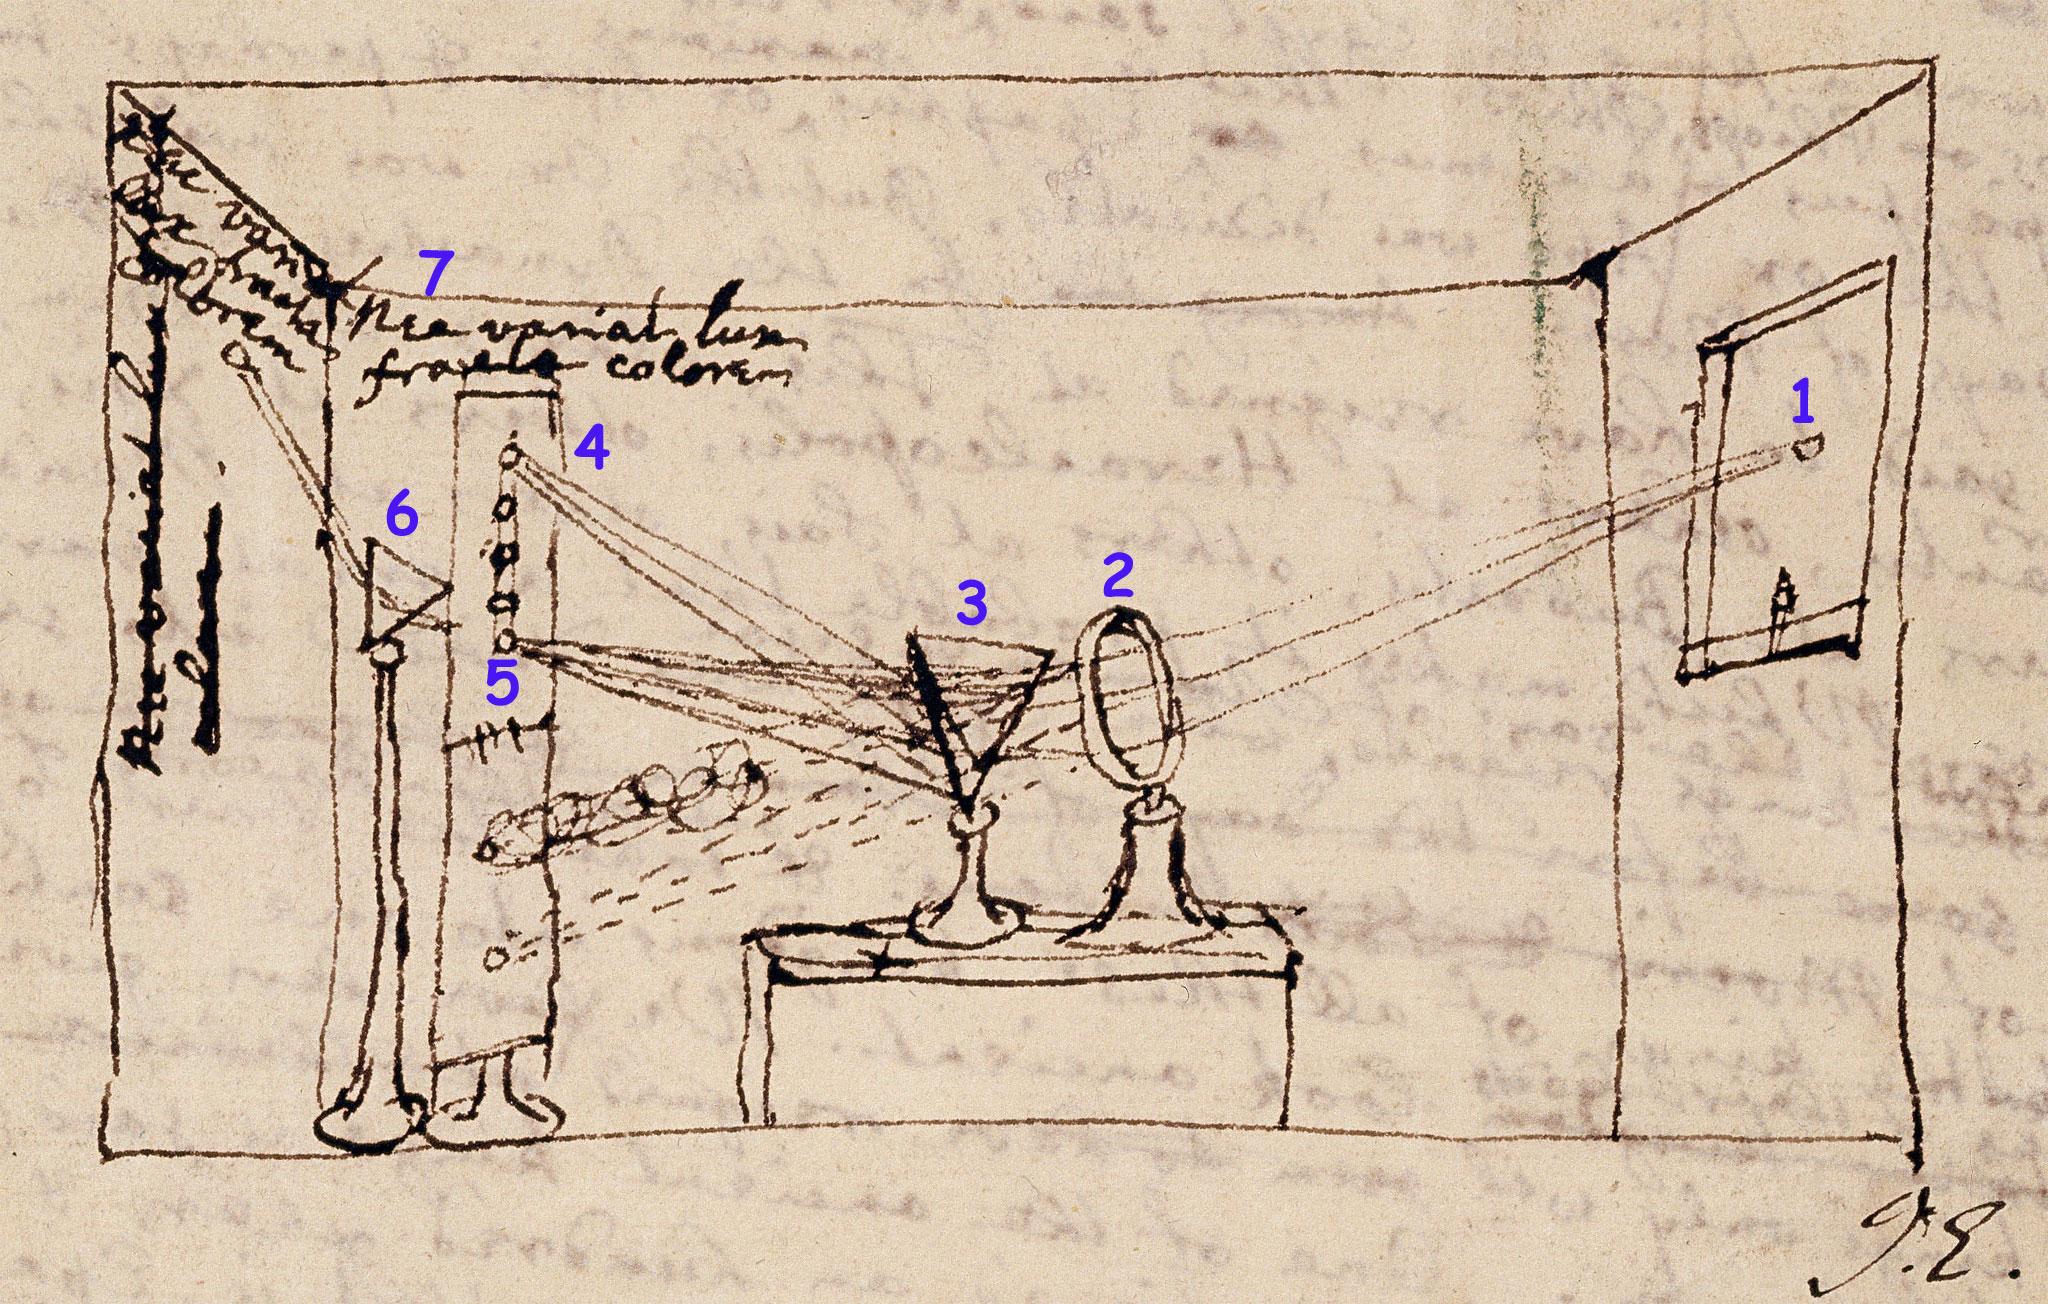 Diagrama del experimento especial con números indicando dónde está lo que describimos en el texto